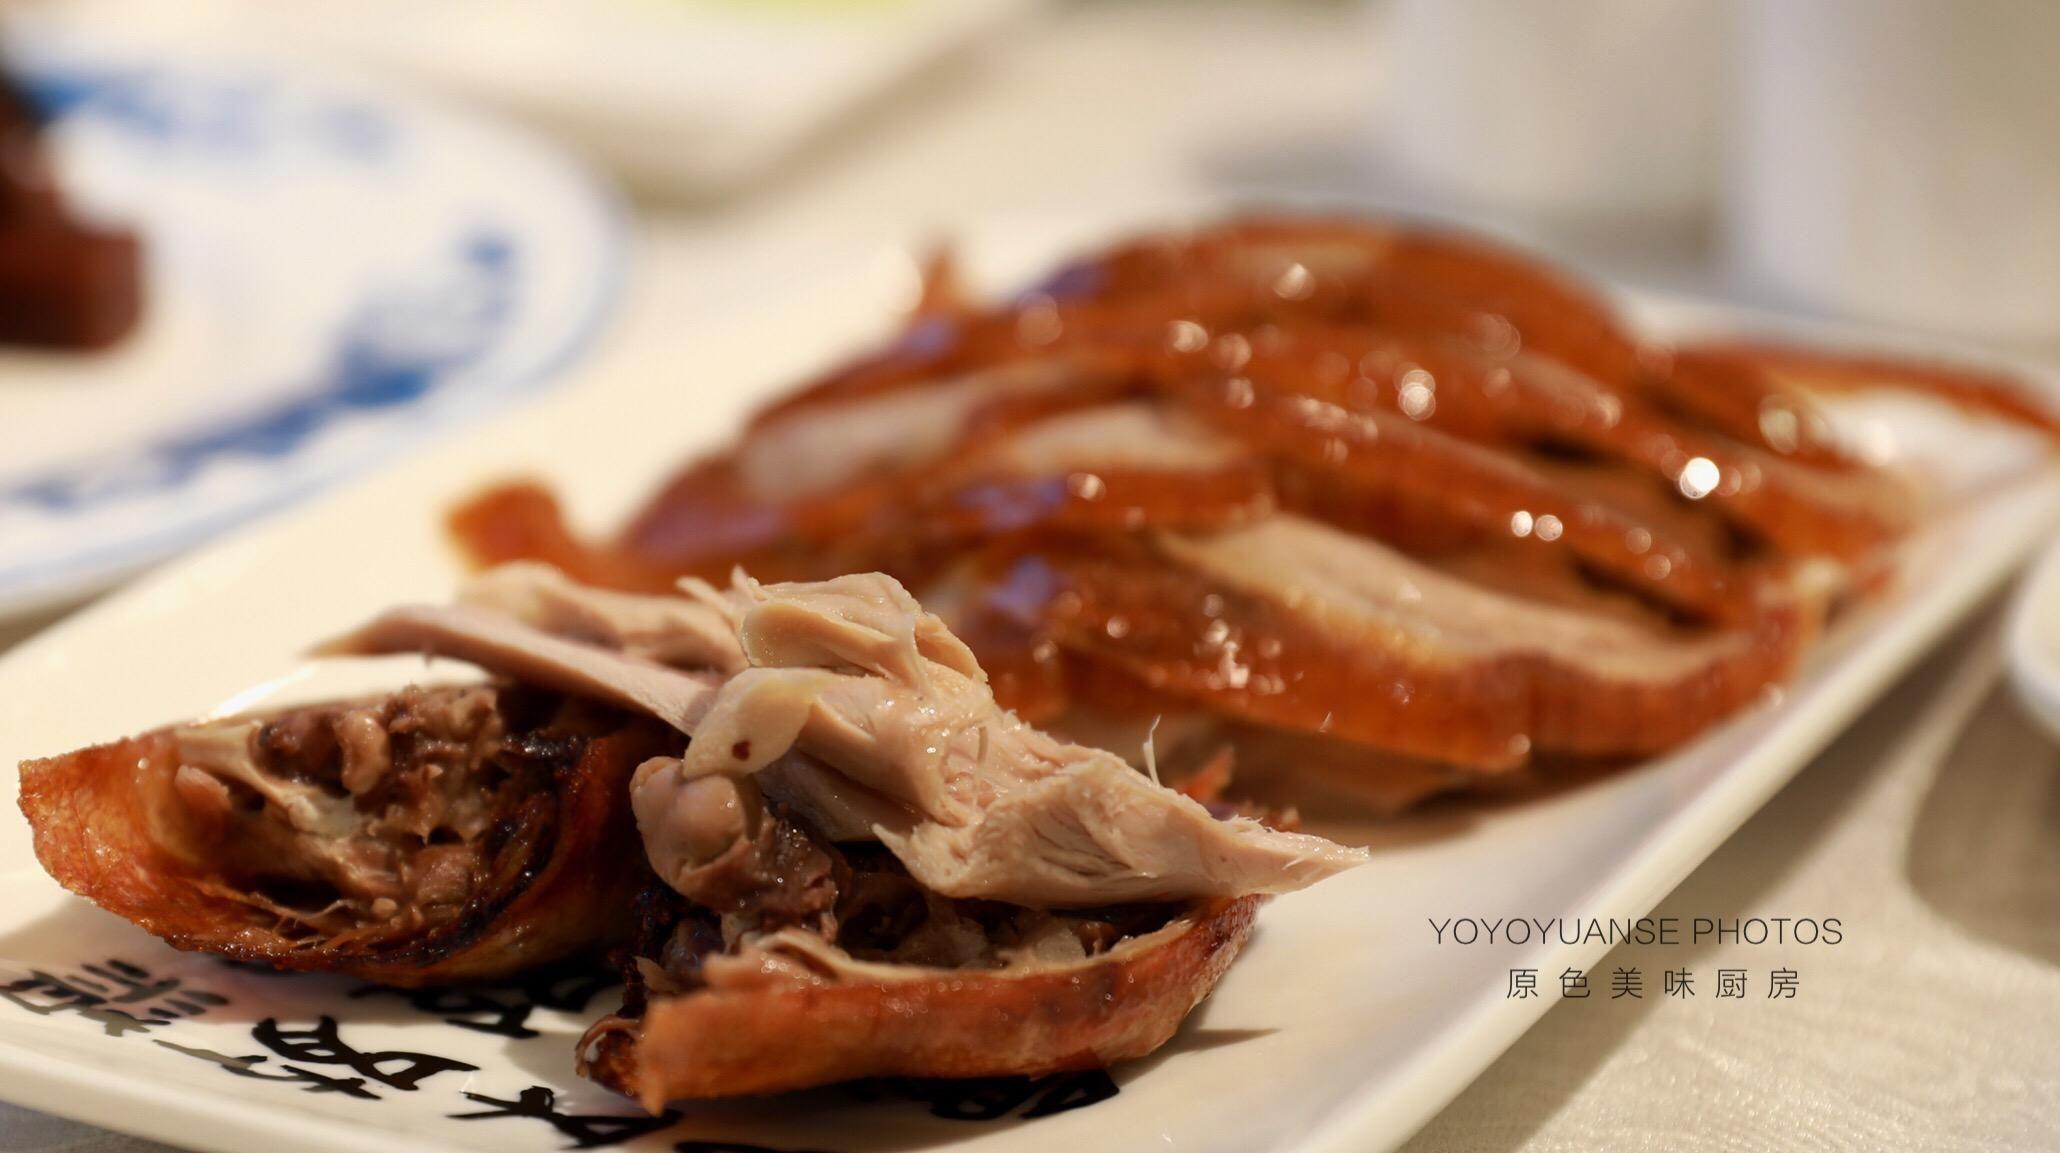 全聚德吃烤鸭经历,太鸭肉太少收费太高,网友:傻子才去吃